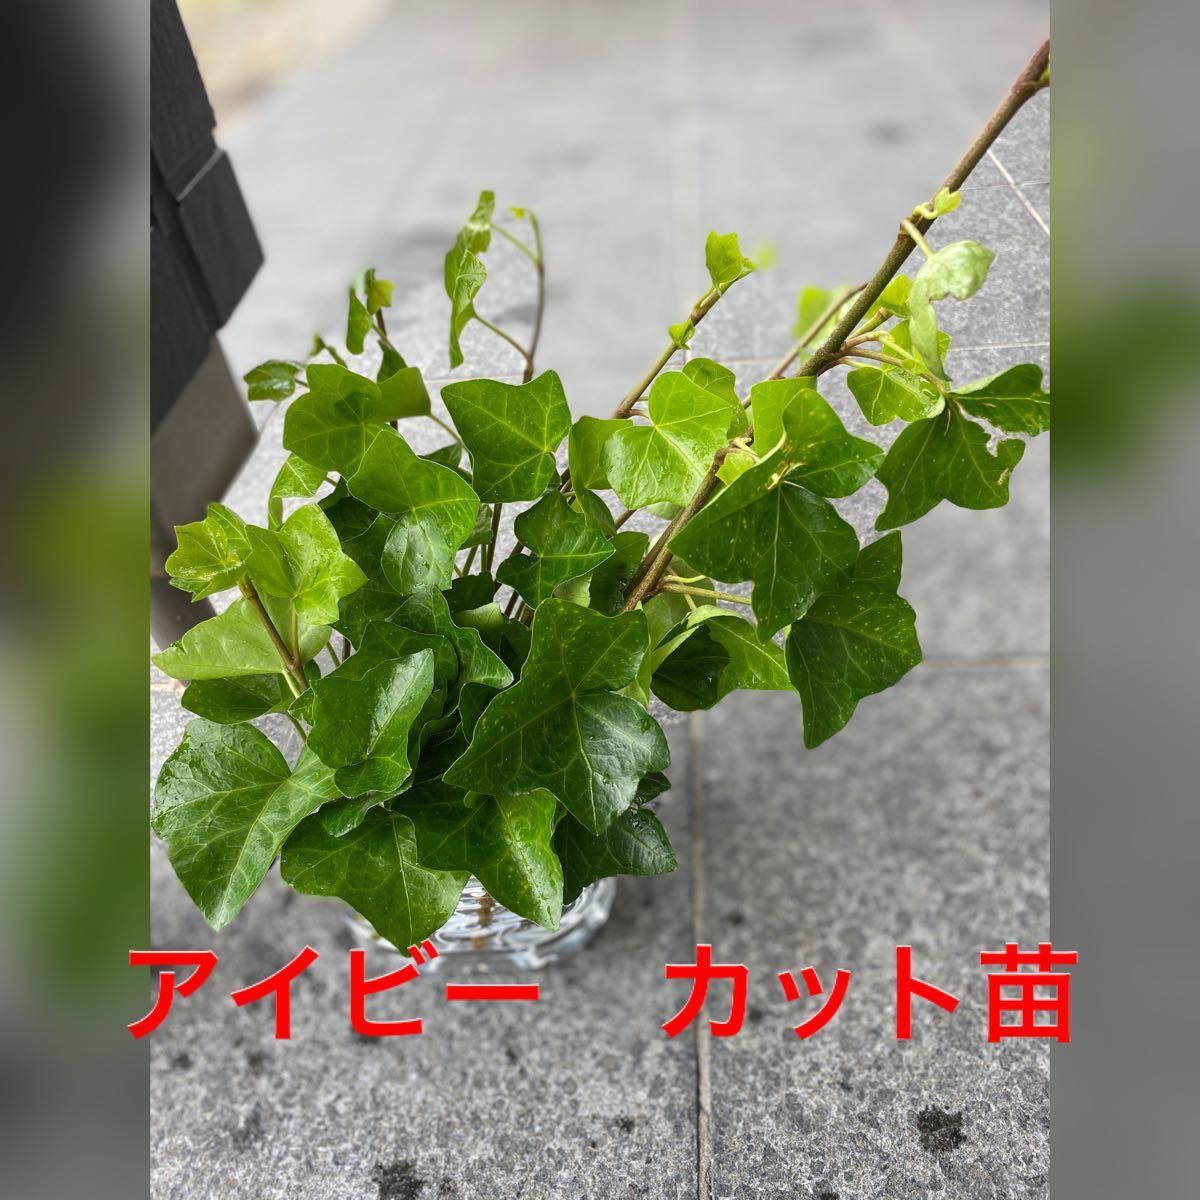 2種類 アイビーヘデラのカット苗 子宝草の子株と抜き苗 プライバシー発送